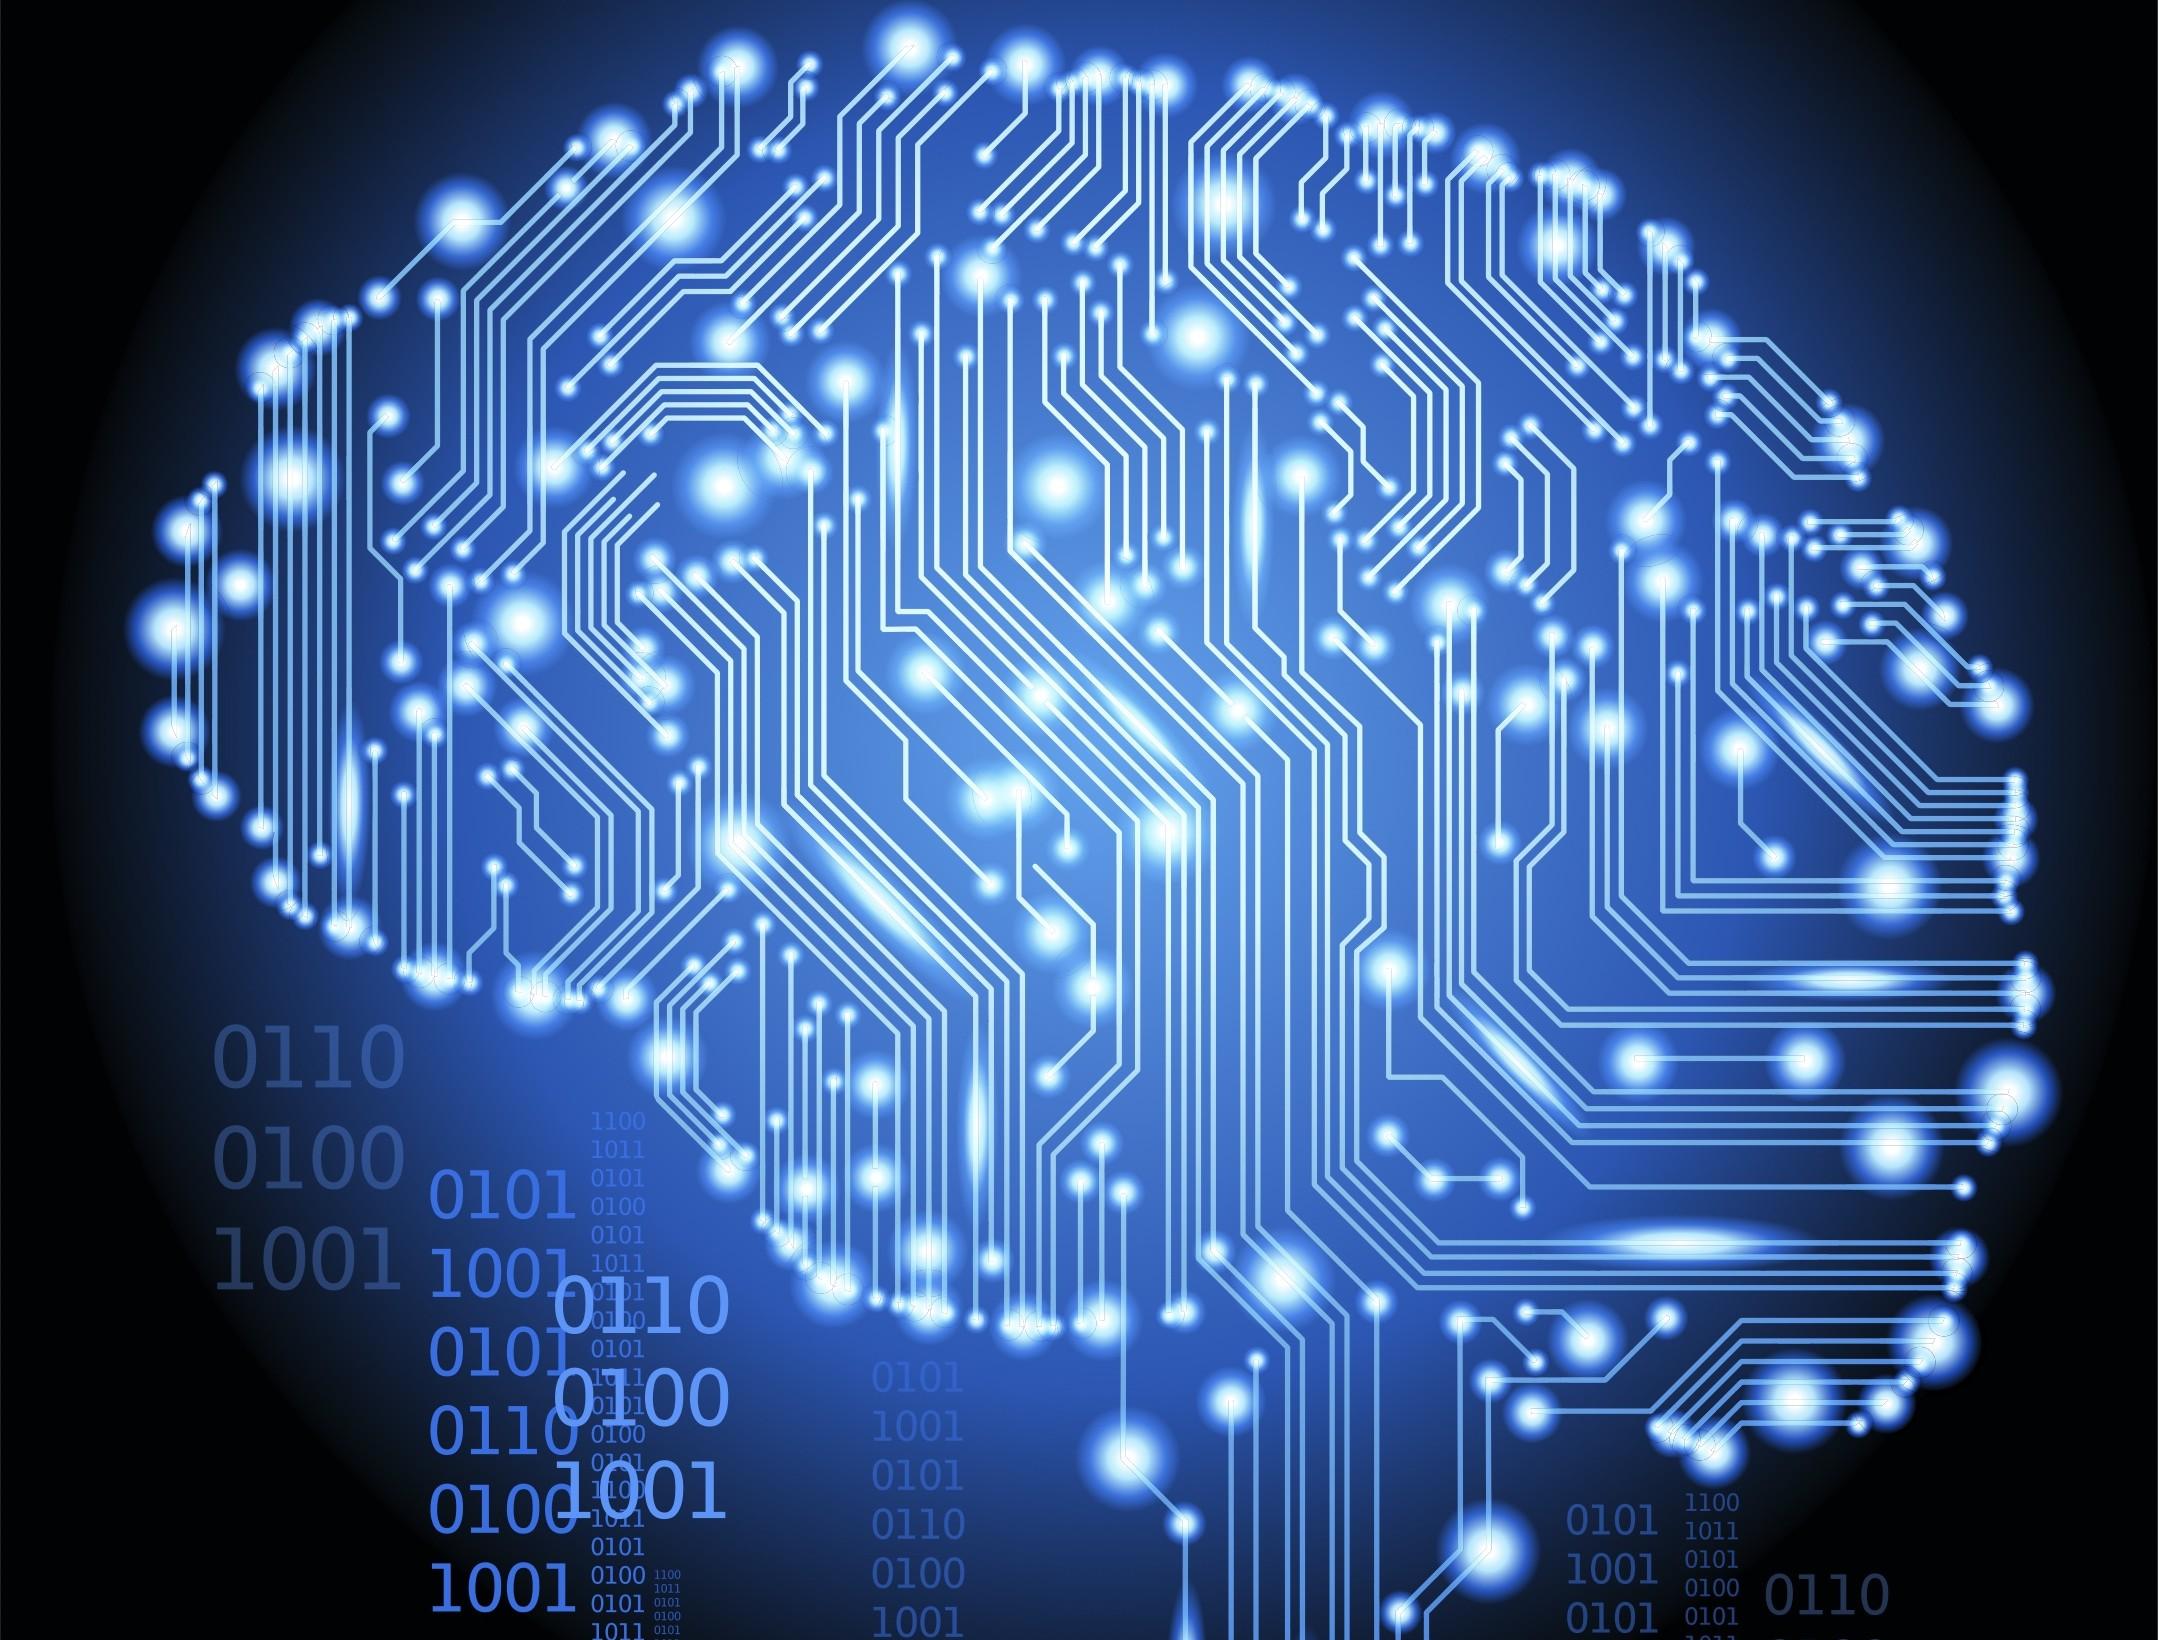 Искусственные нейронные сети Яндекс